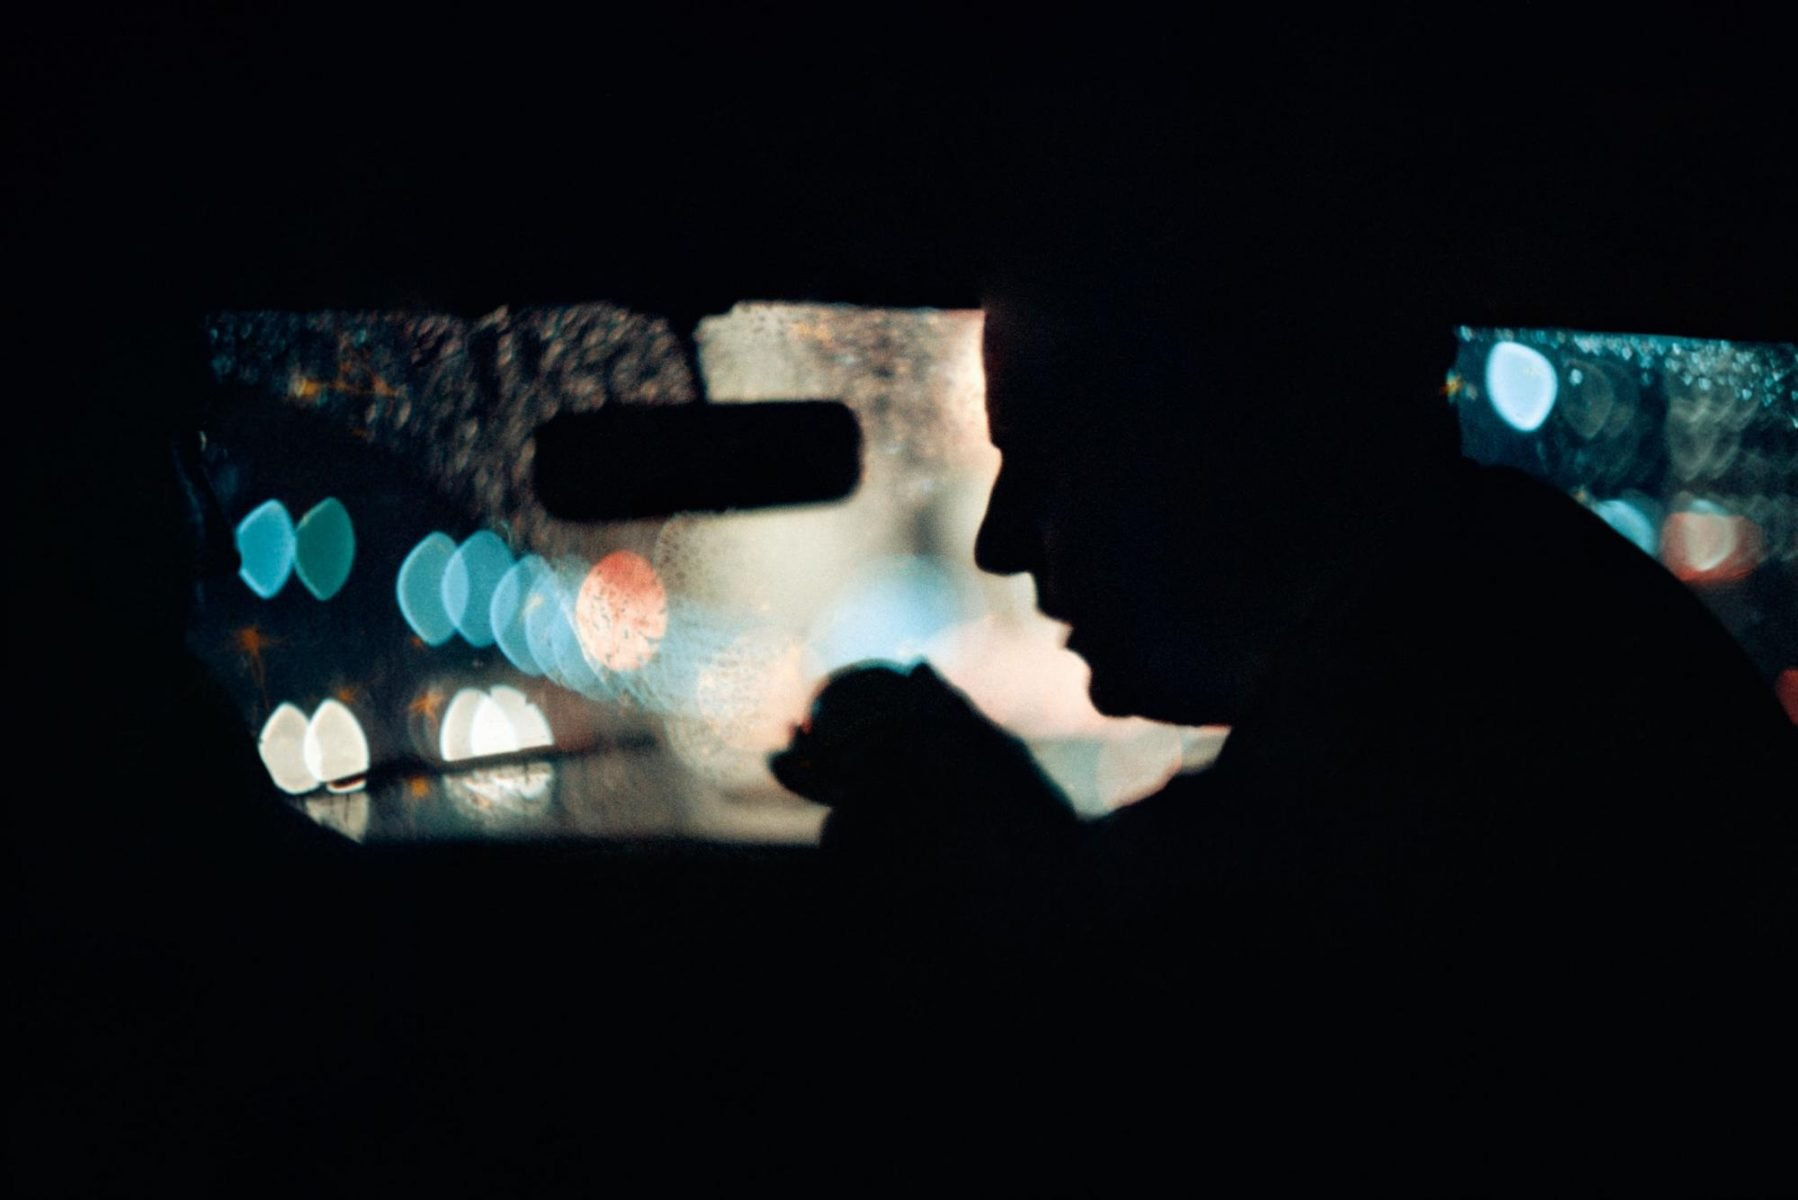 L'ombre d'un homme dans une voiture à New York, USA. Image de Gordon Parks